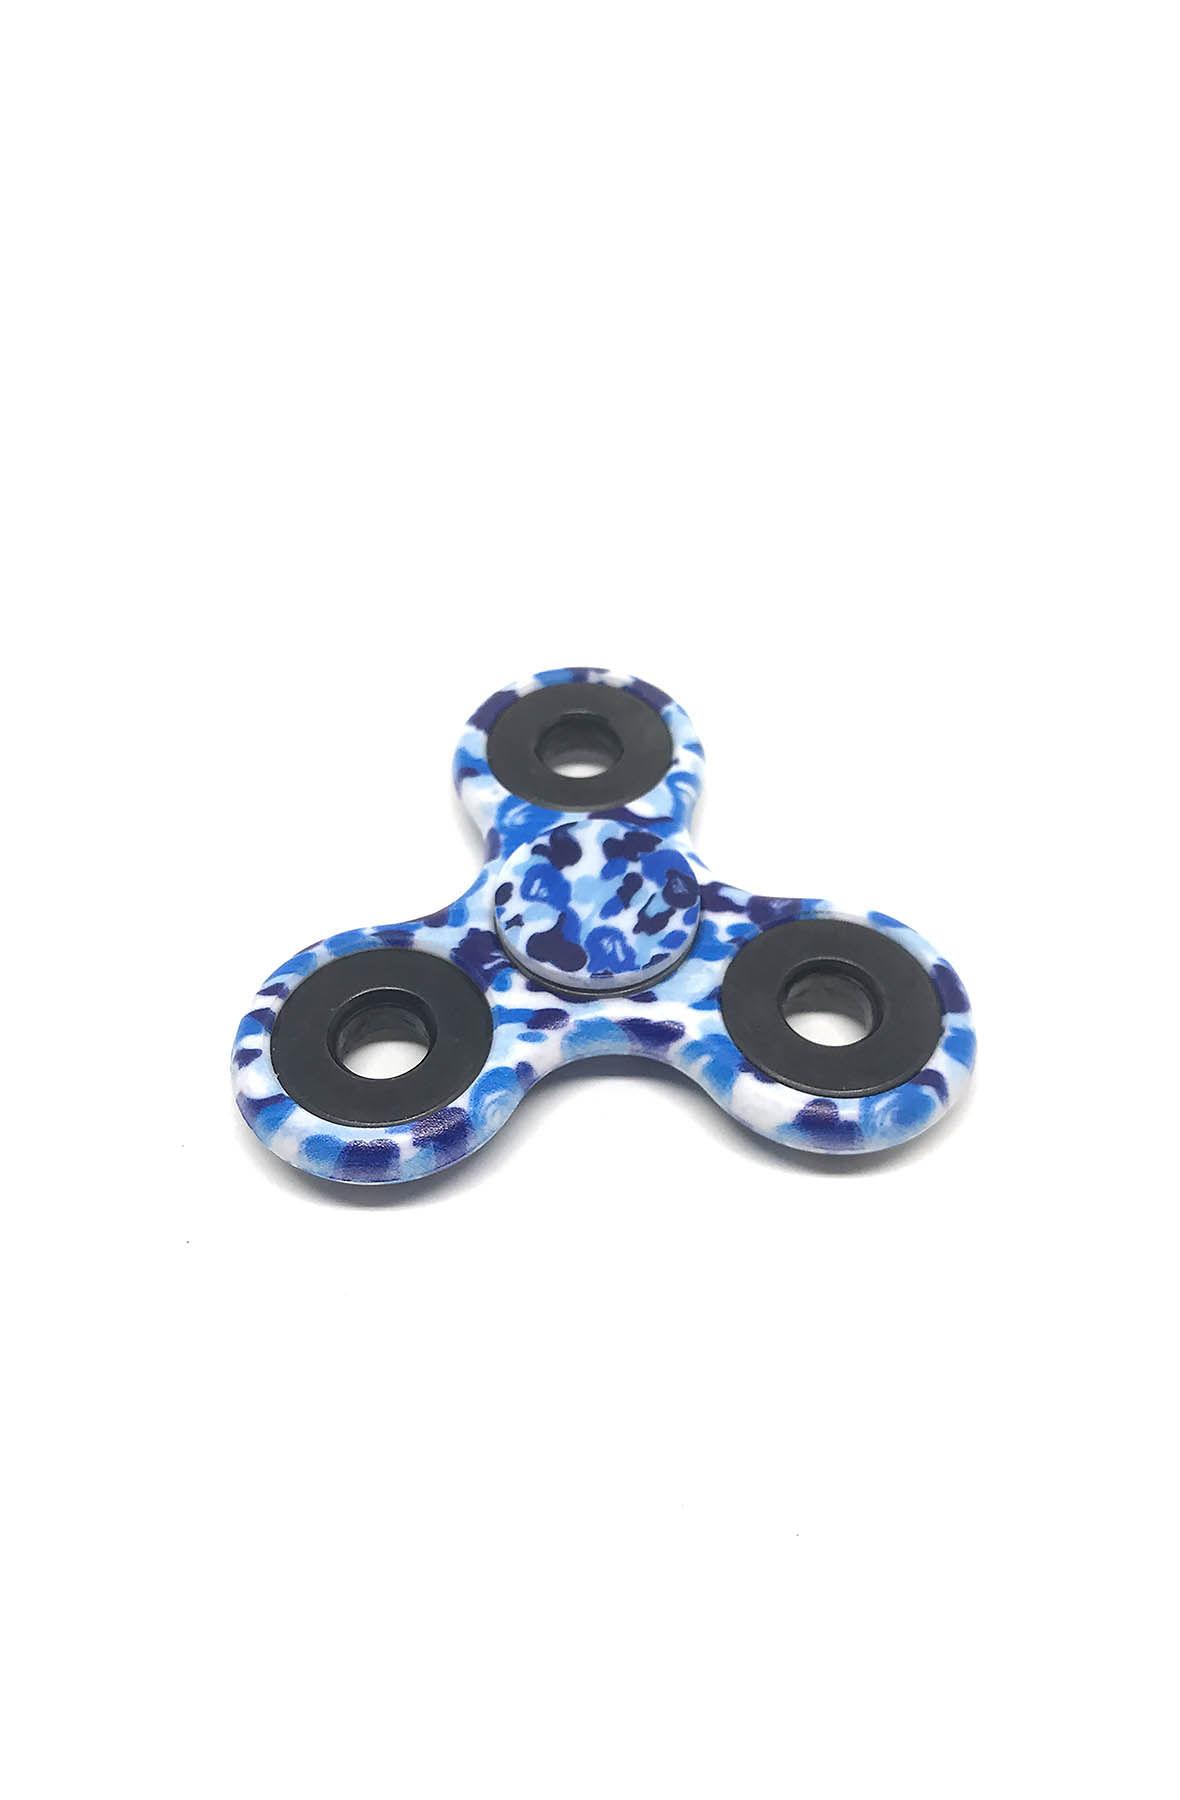 fidget spinner in blue camo